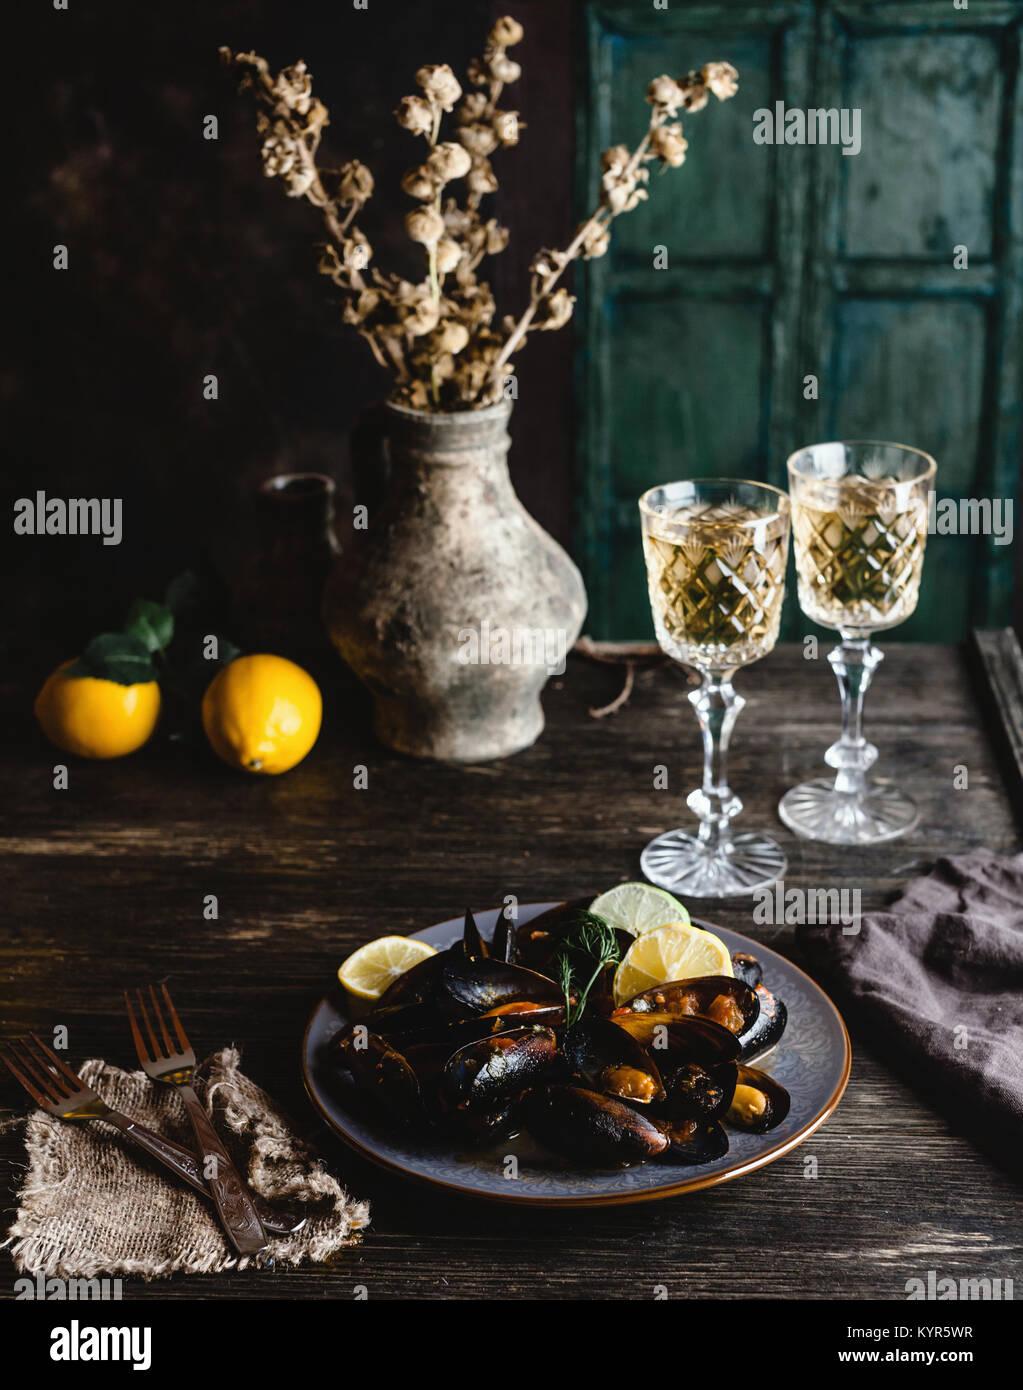 Moules cuites avec des coquillages servis sur plaque avec deux verres de vin blanc sur la table en bois Photo Stock